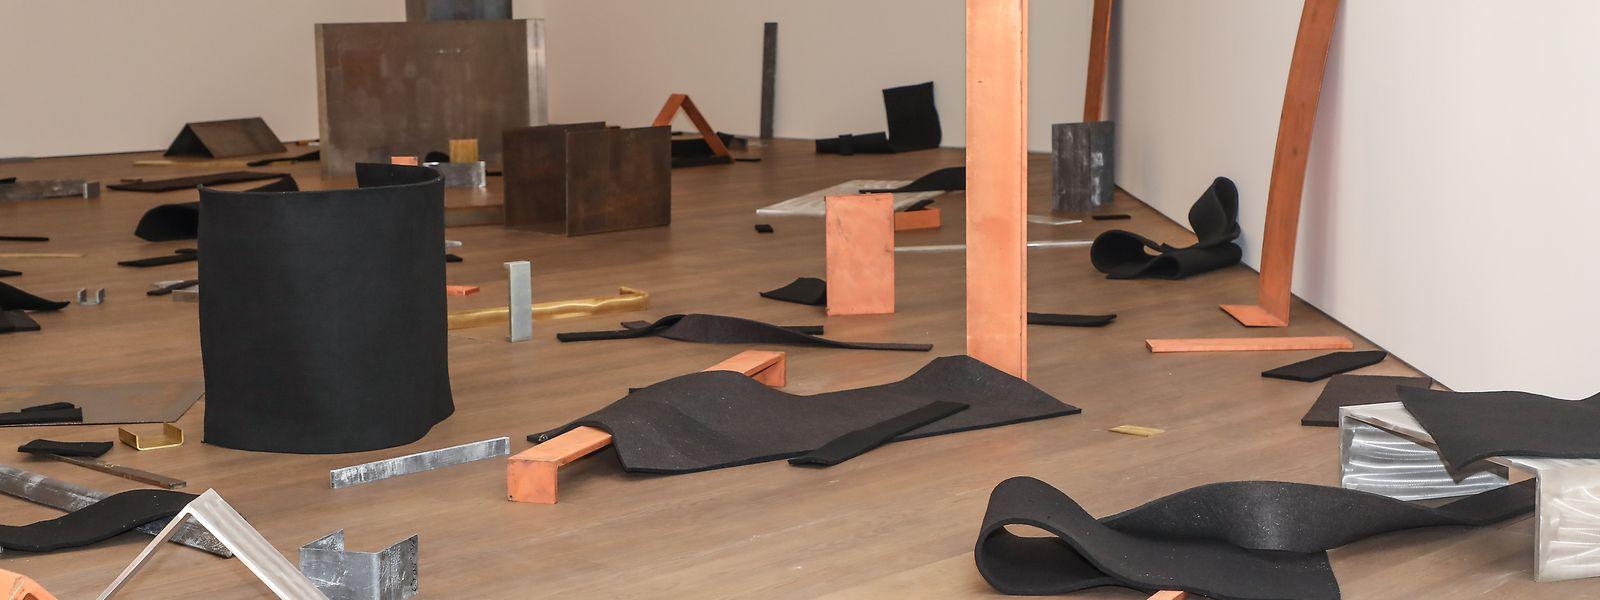 Pour la dispersion de «Untitled (Scatter Piece)», 1968-69, le Mudam a proposé à des enfants de laisser libre cours à leur imagination: une idée toujours défendue par l'artiste.